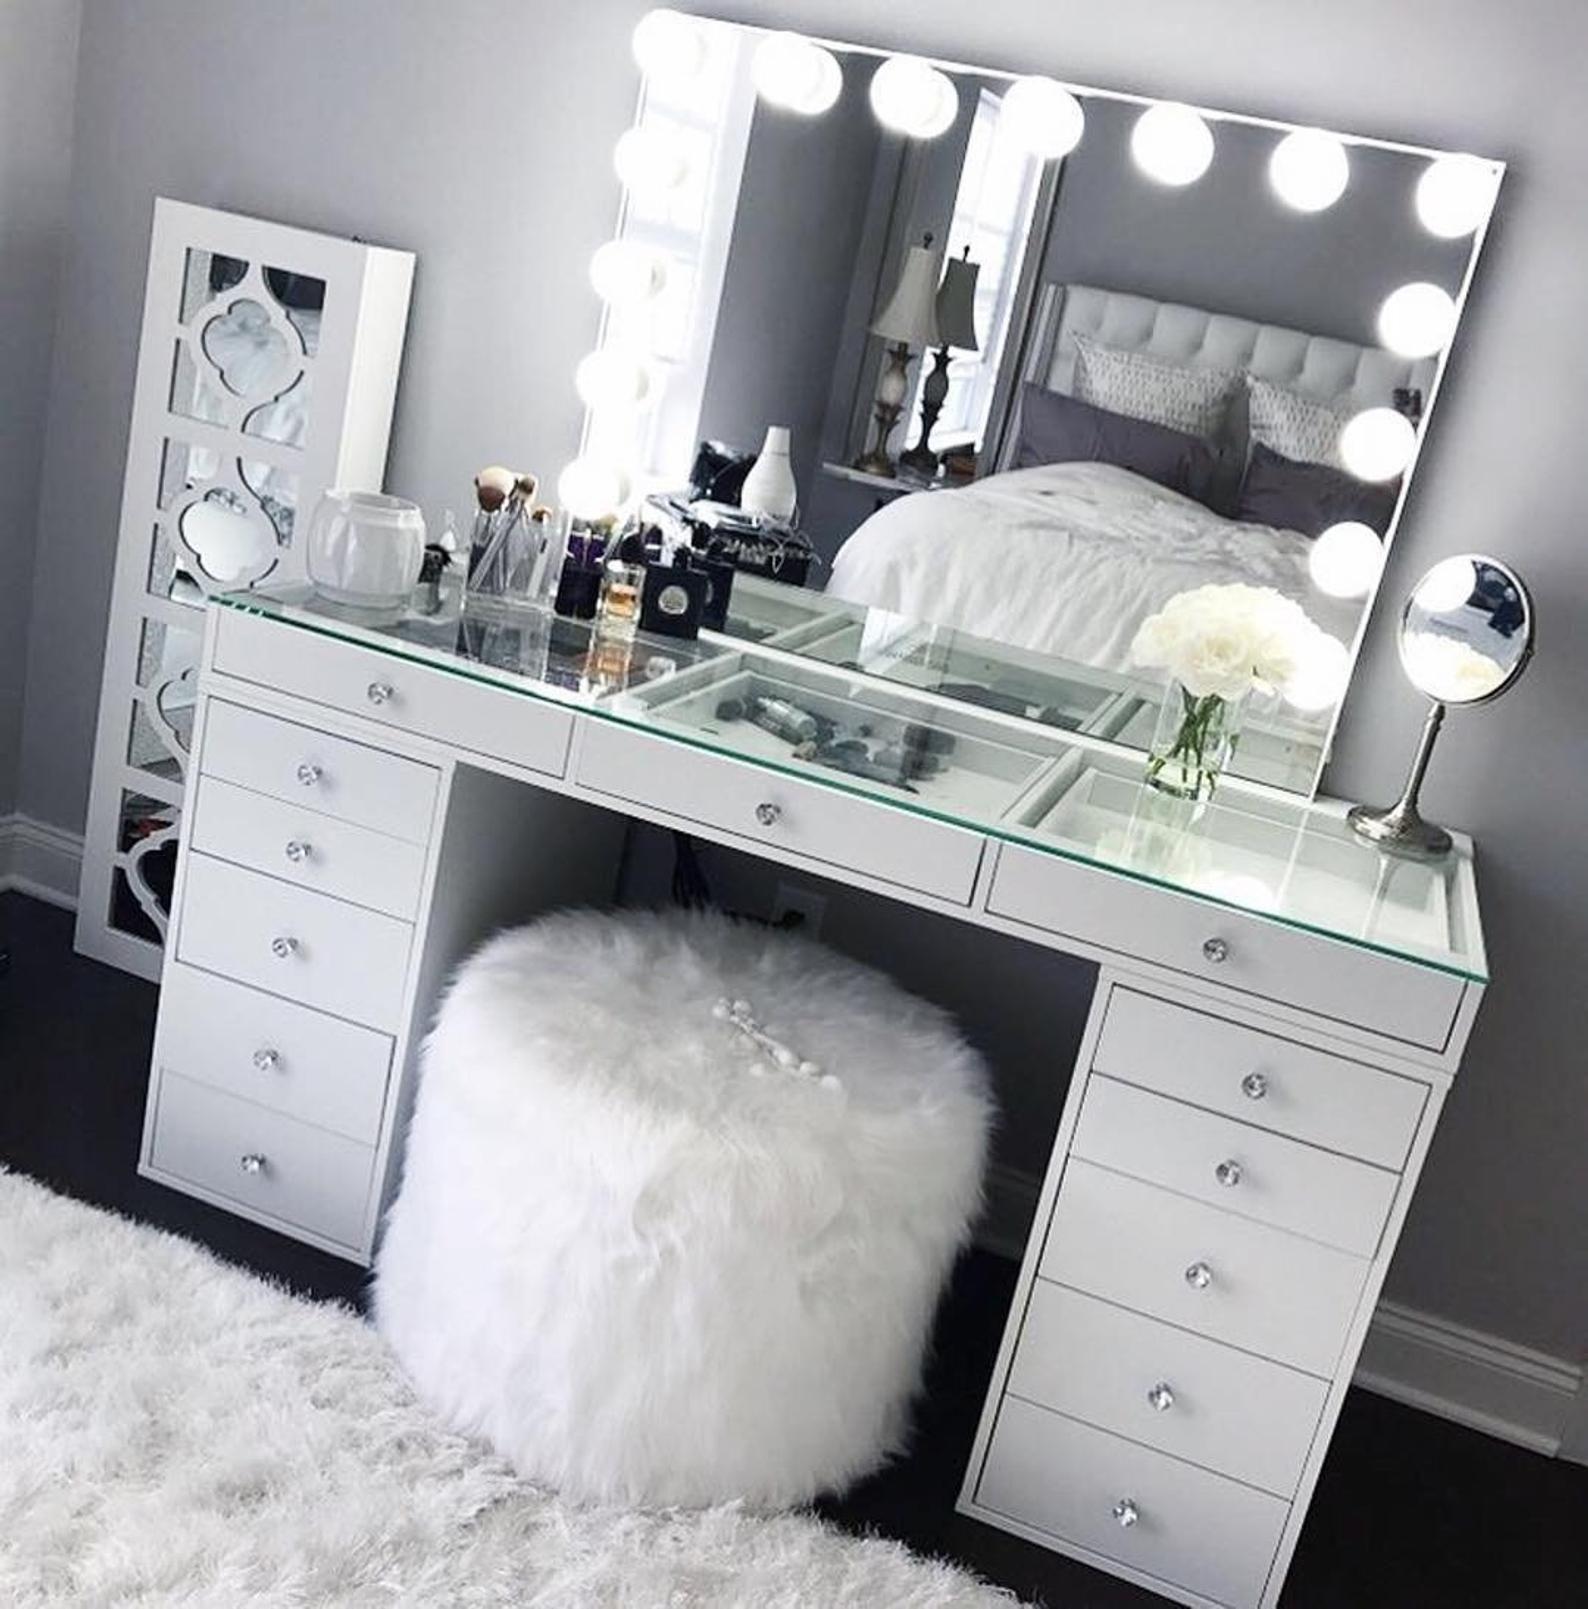 Hollywood Makeup Vanity Mirror With Lights Impressions Vanity Etsy Makeup Room Decor Diy Vanity Mirror White Makeup Vanity